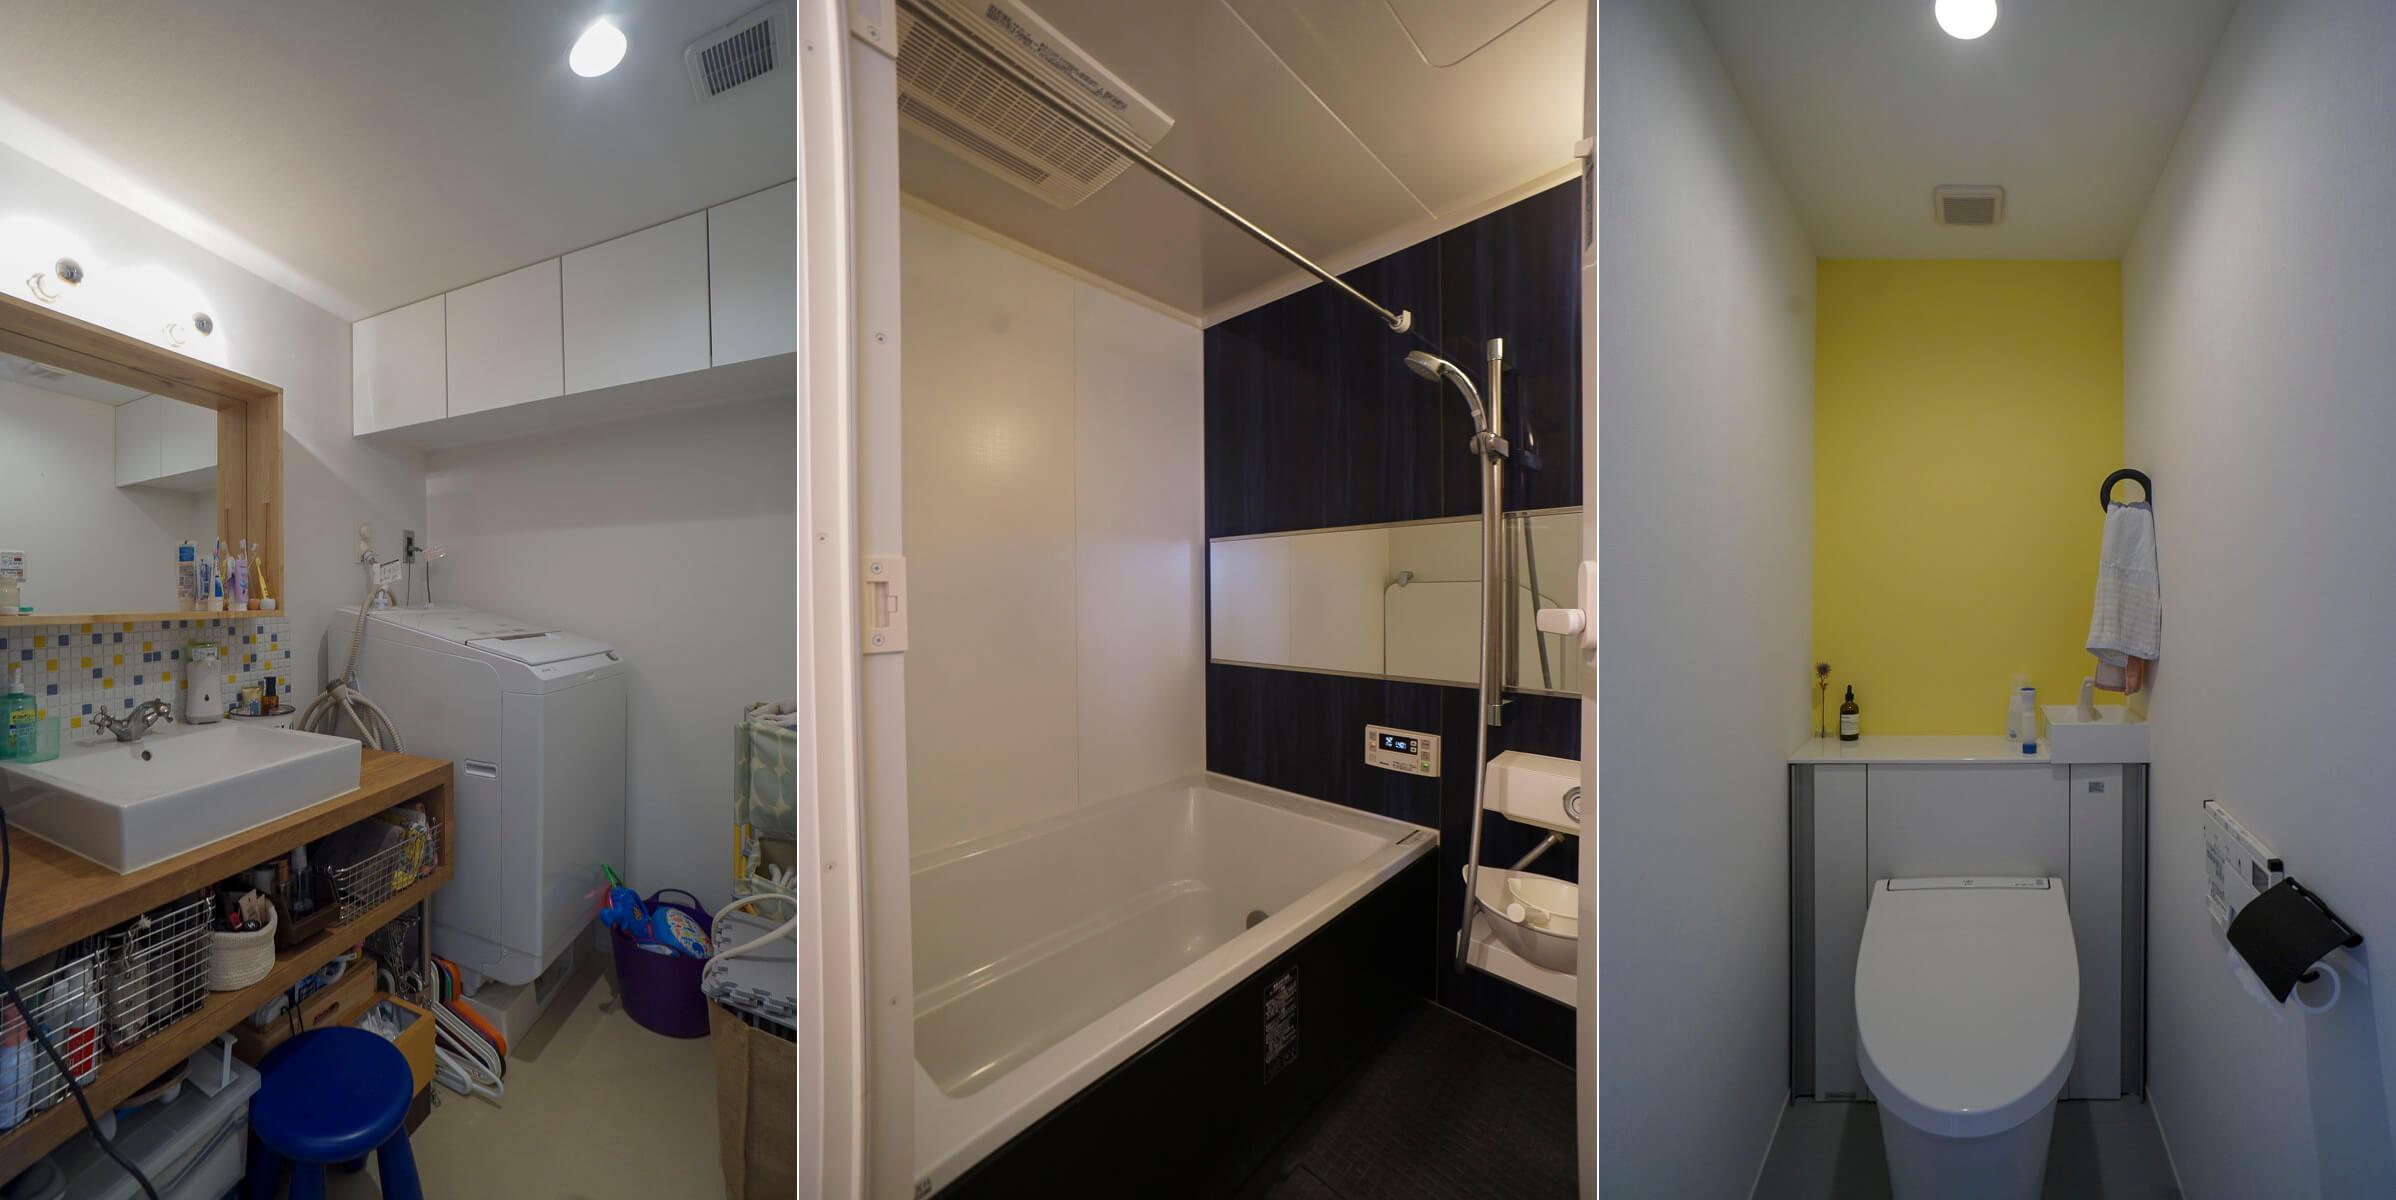 洗面所・浴室・トイレ